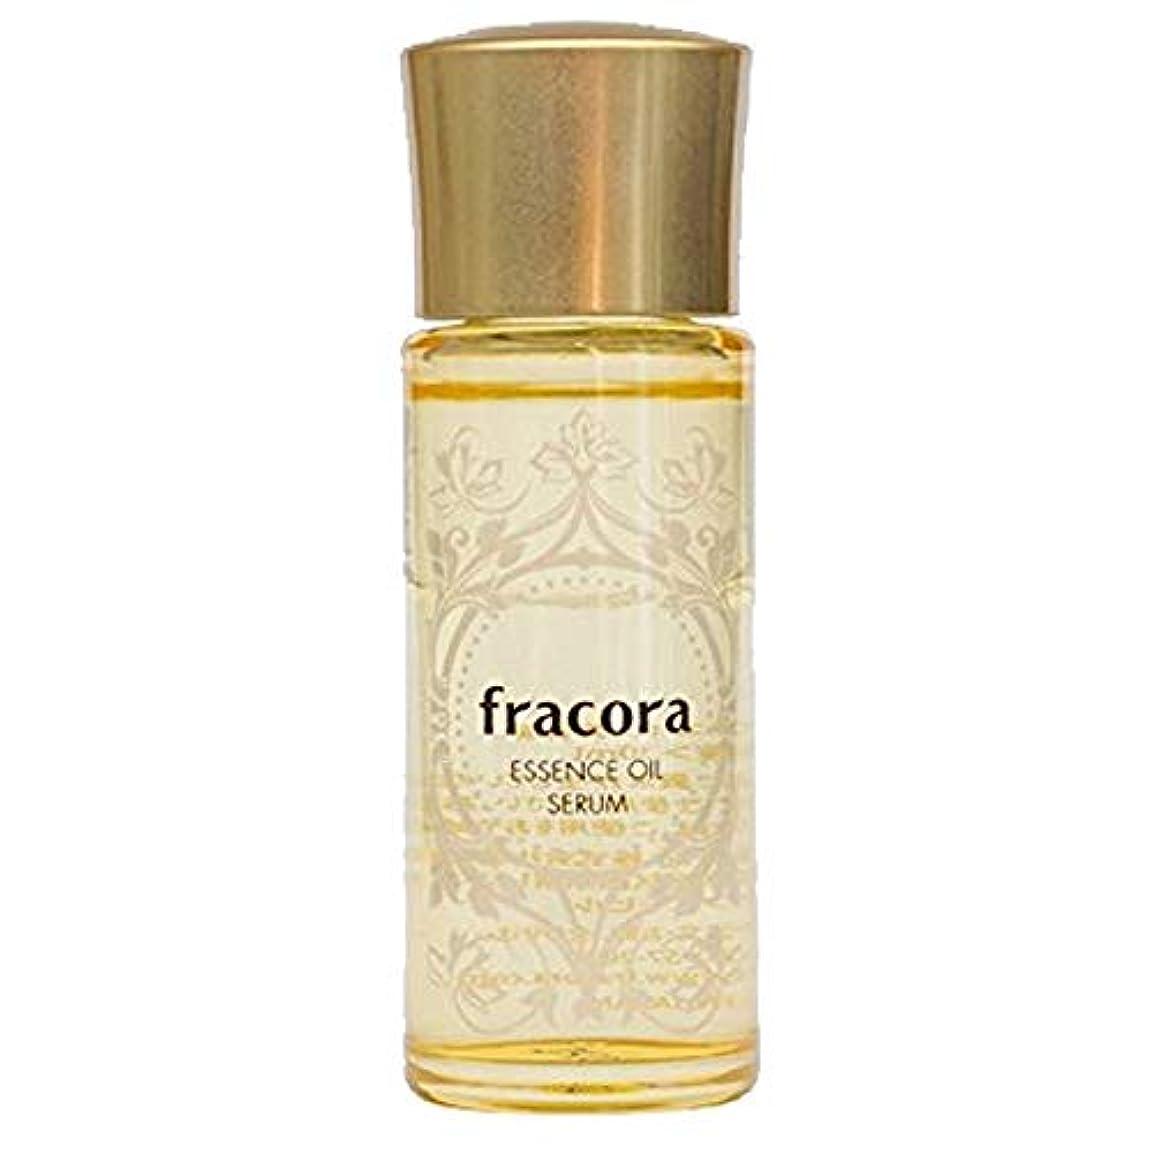 女王ペニー集中的なfracora(フラコラ) エッセンスオイル美容液 30mL